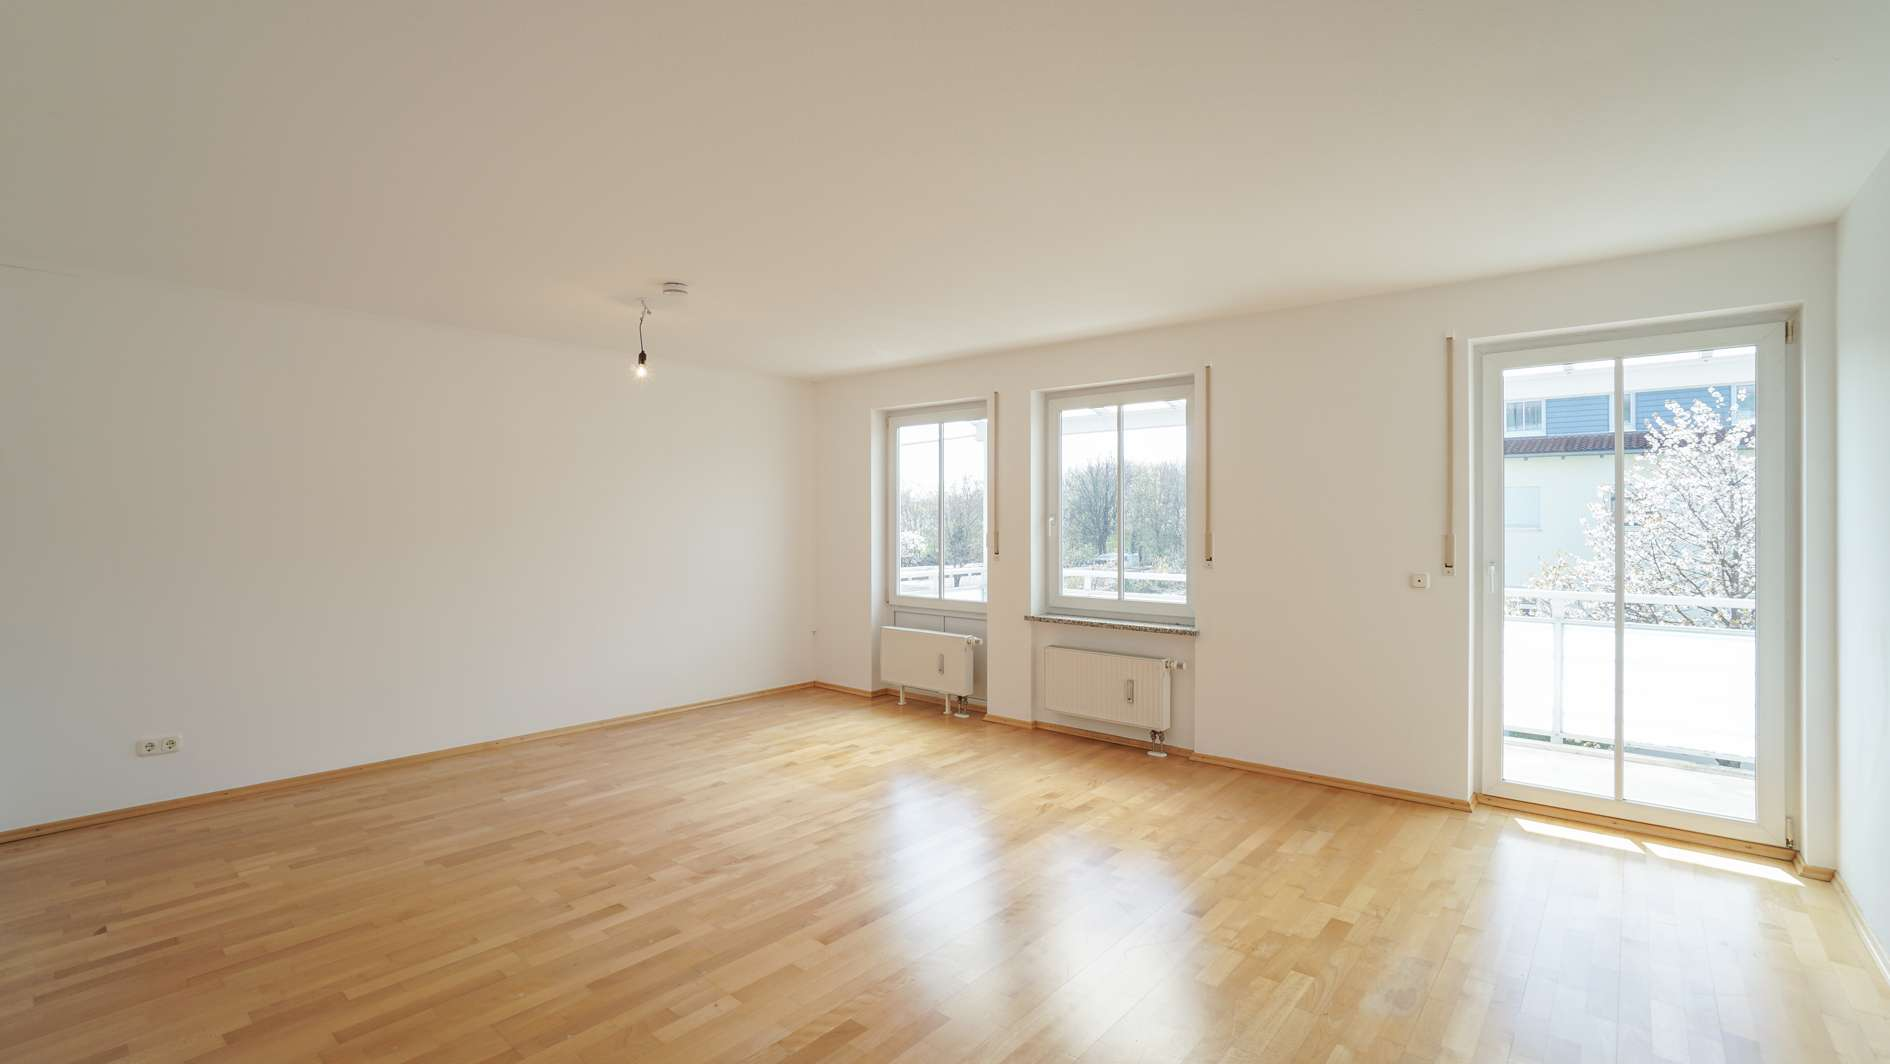 Schöne 3-Zimmerwohnung mit sonnigem Balkon